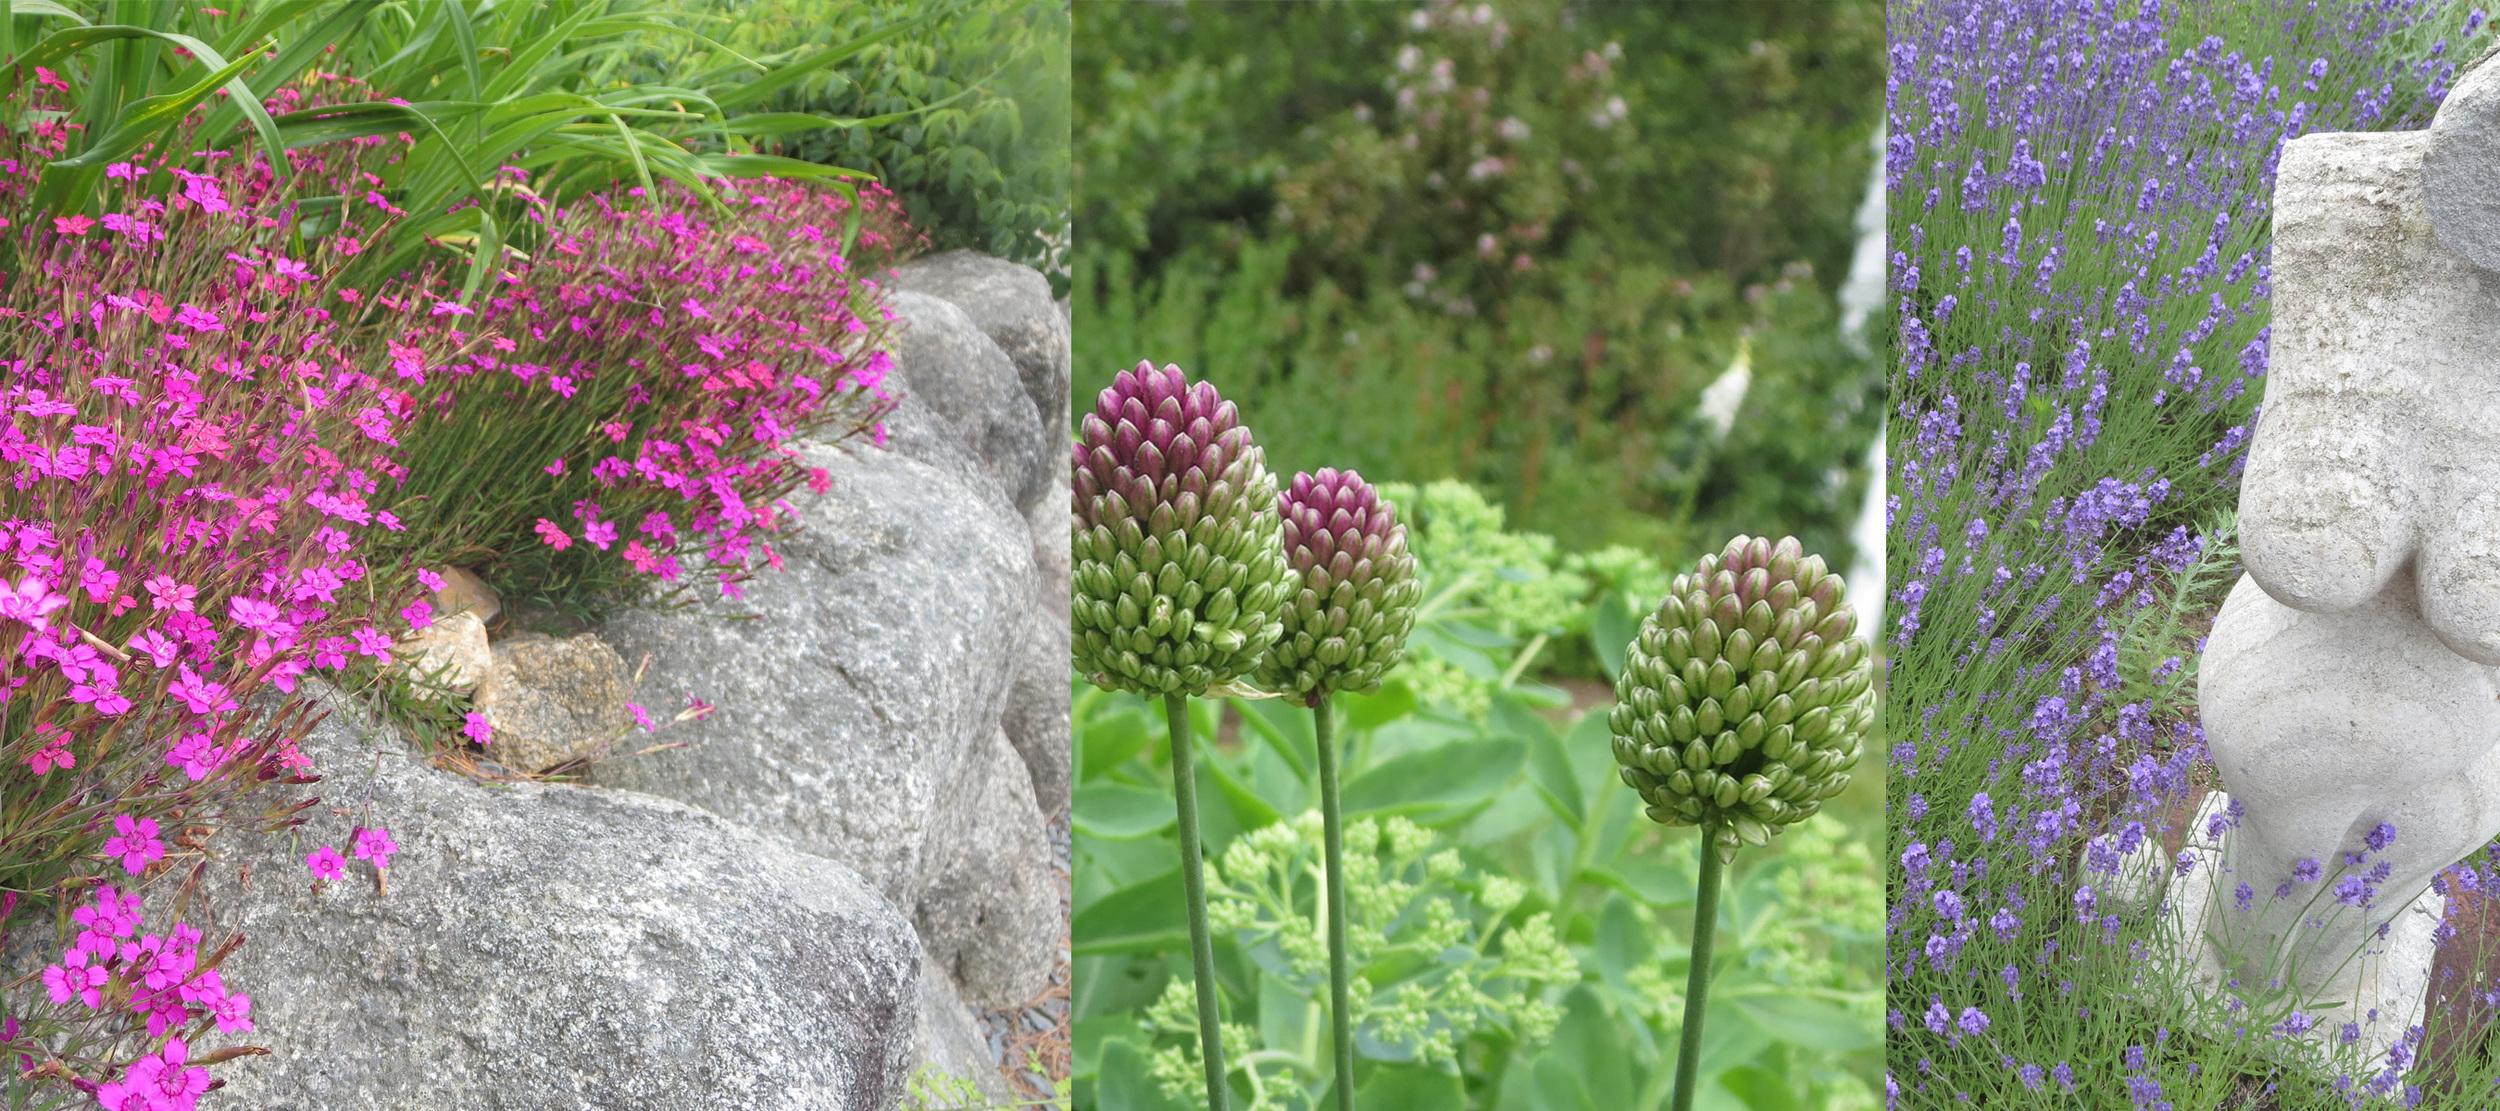 Dianthus, Allium, Lavender